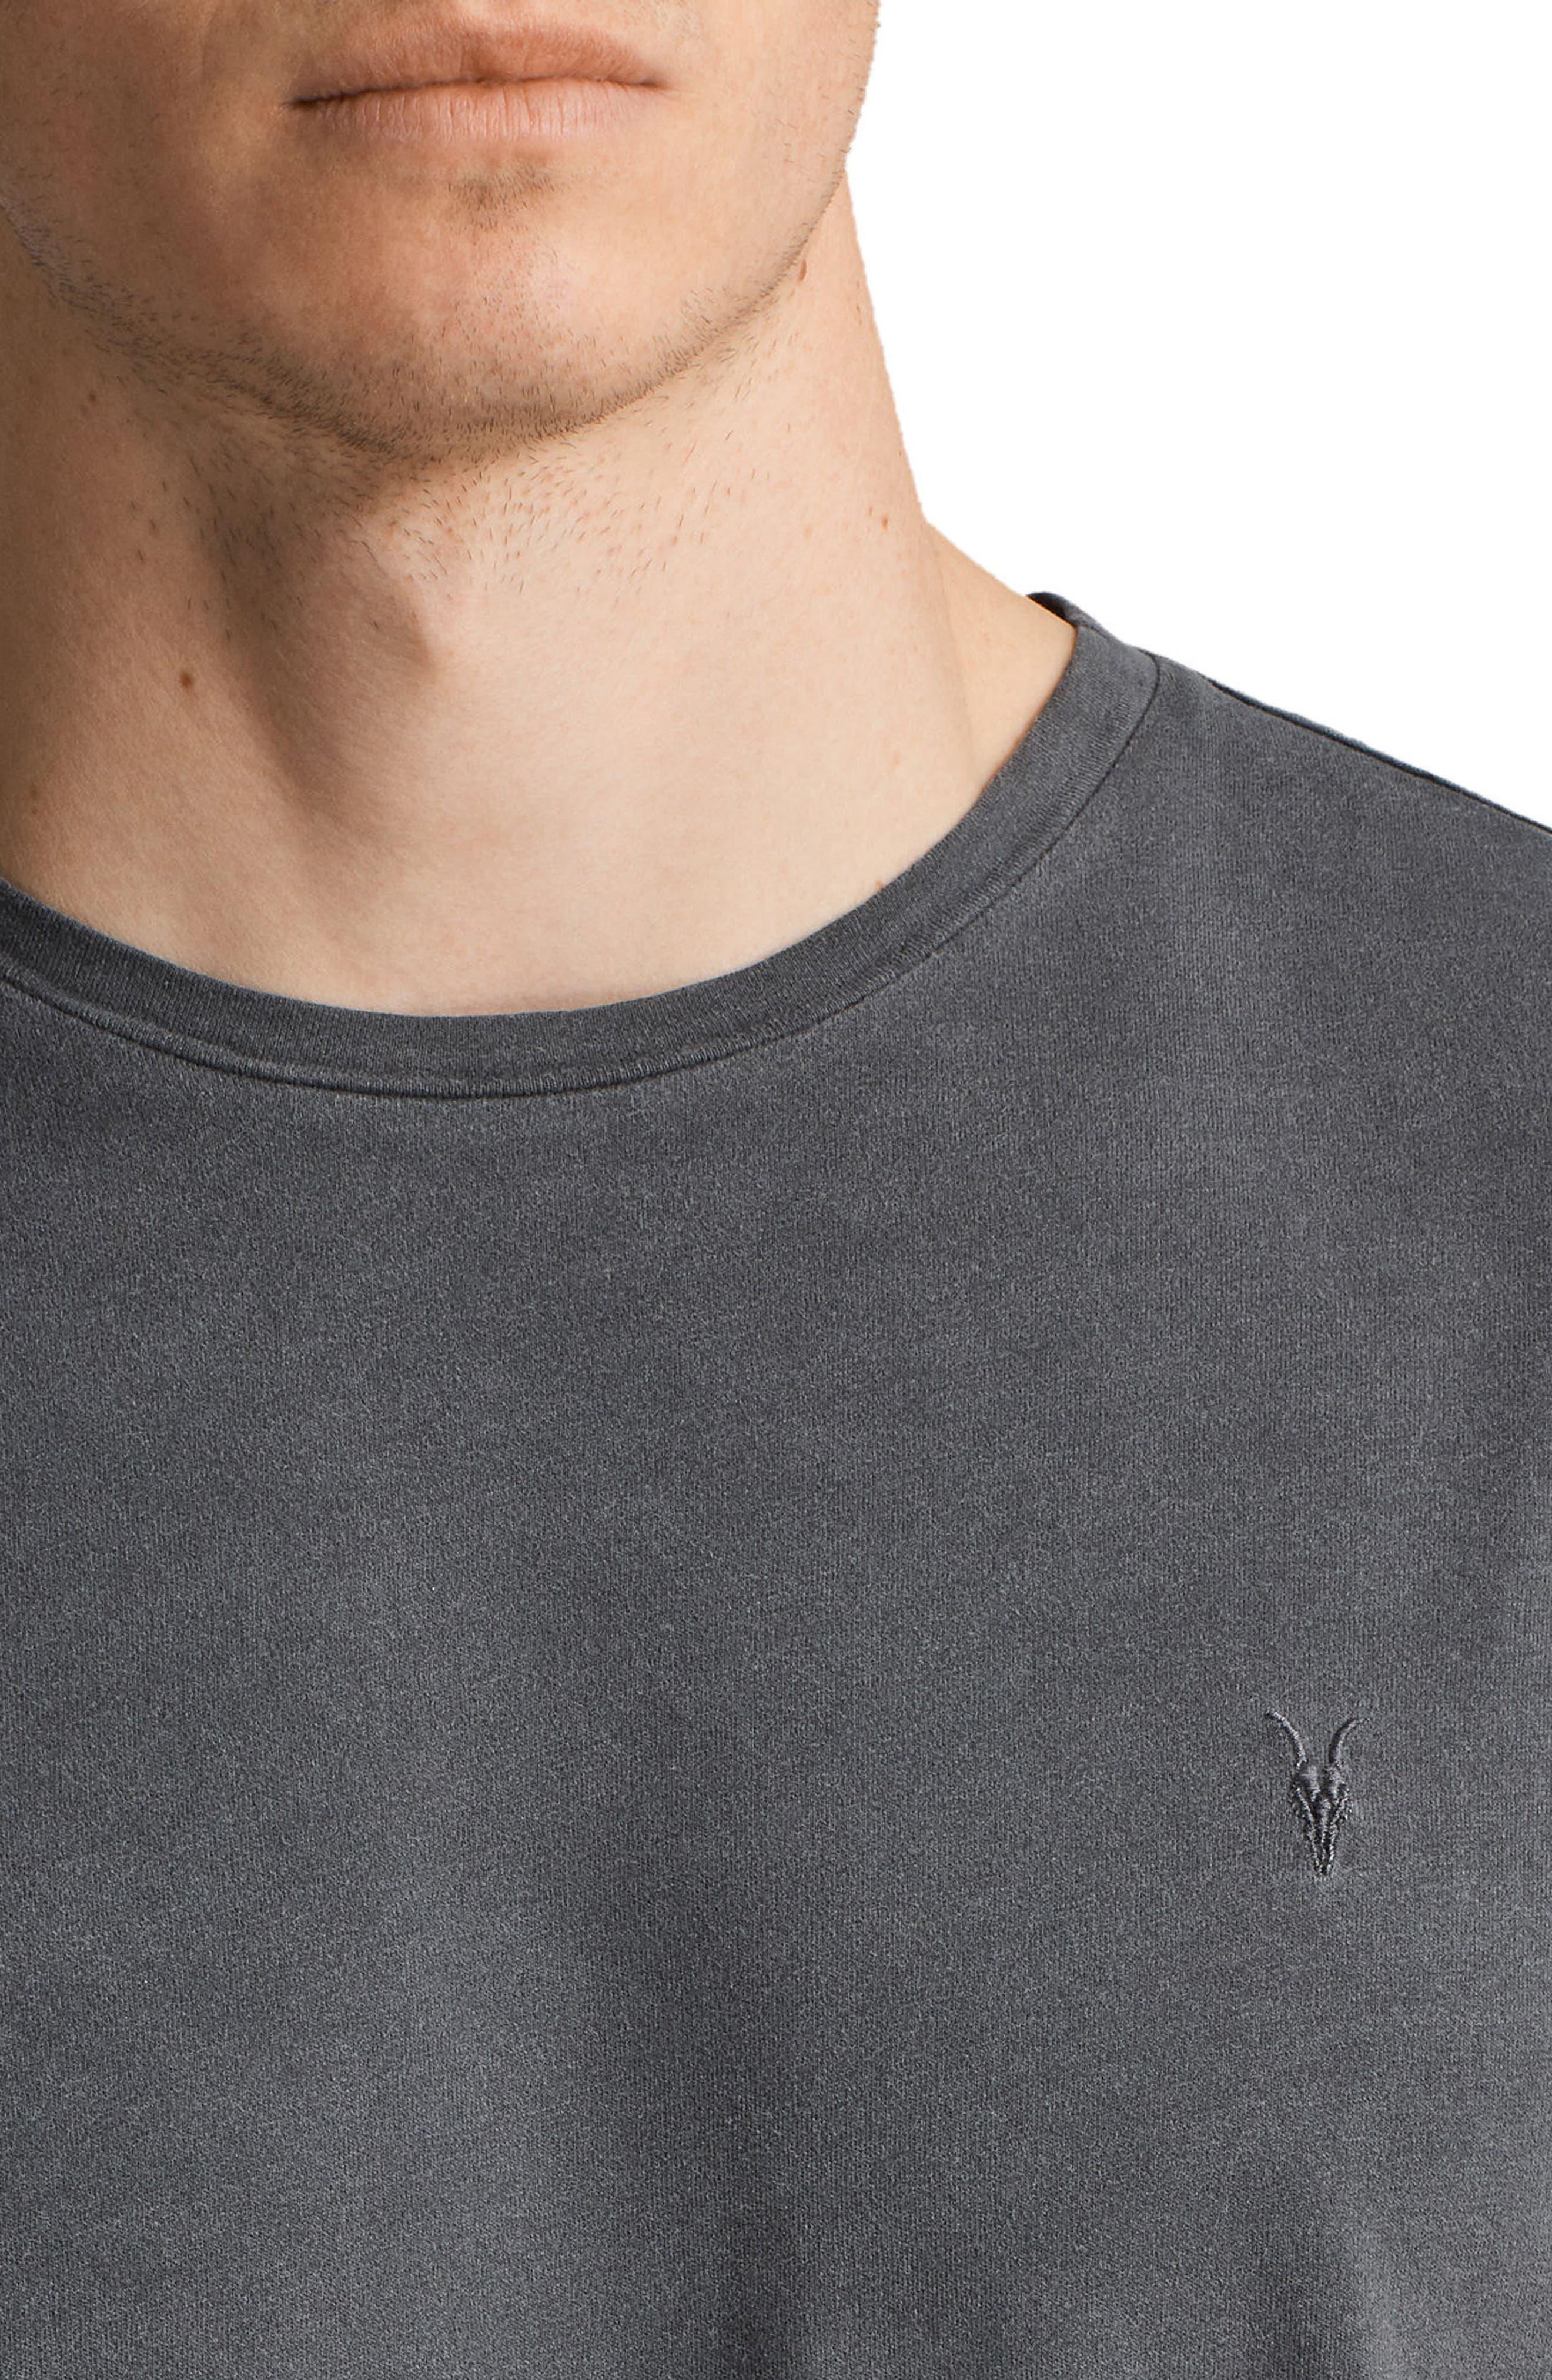 Ossage Slim Fit Crewneck T-Shirt,                             Alternate thumbnail 4, color,                             035